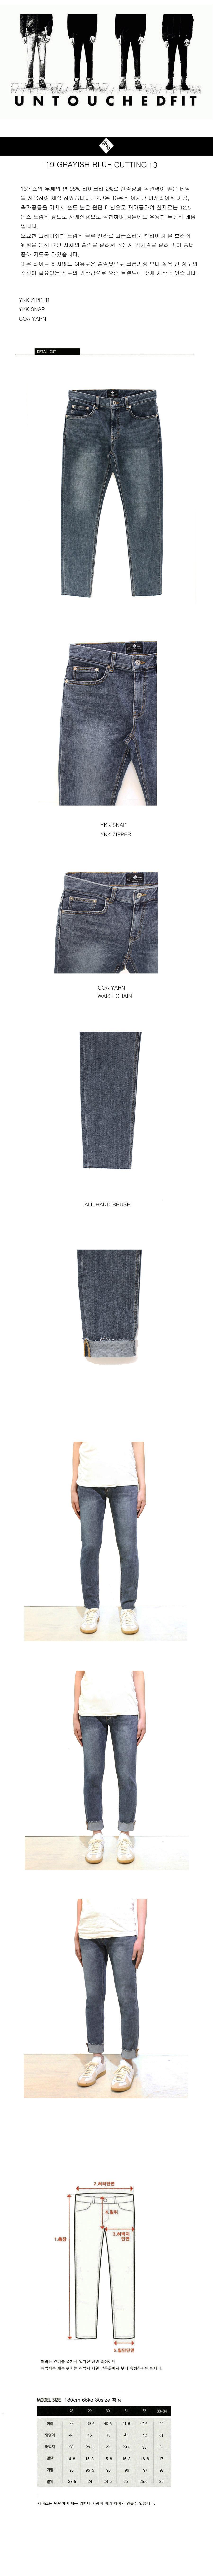 언터치드(UNTOUCHED) 19 그레이쉬 블루 커팅 13